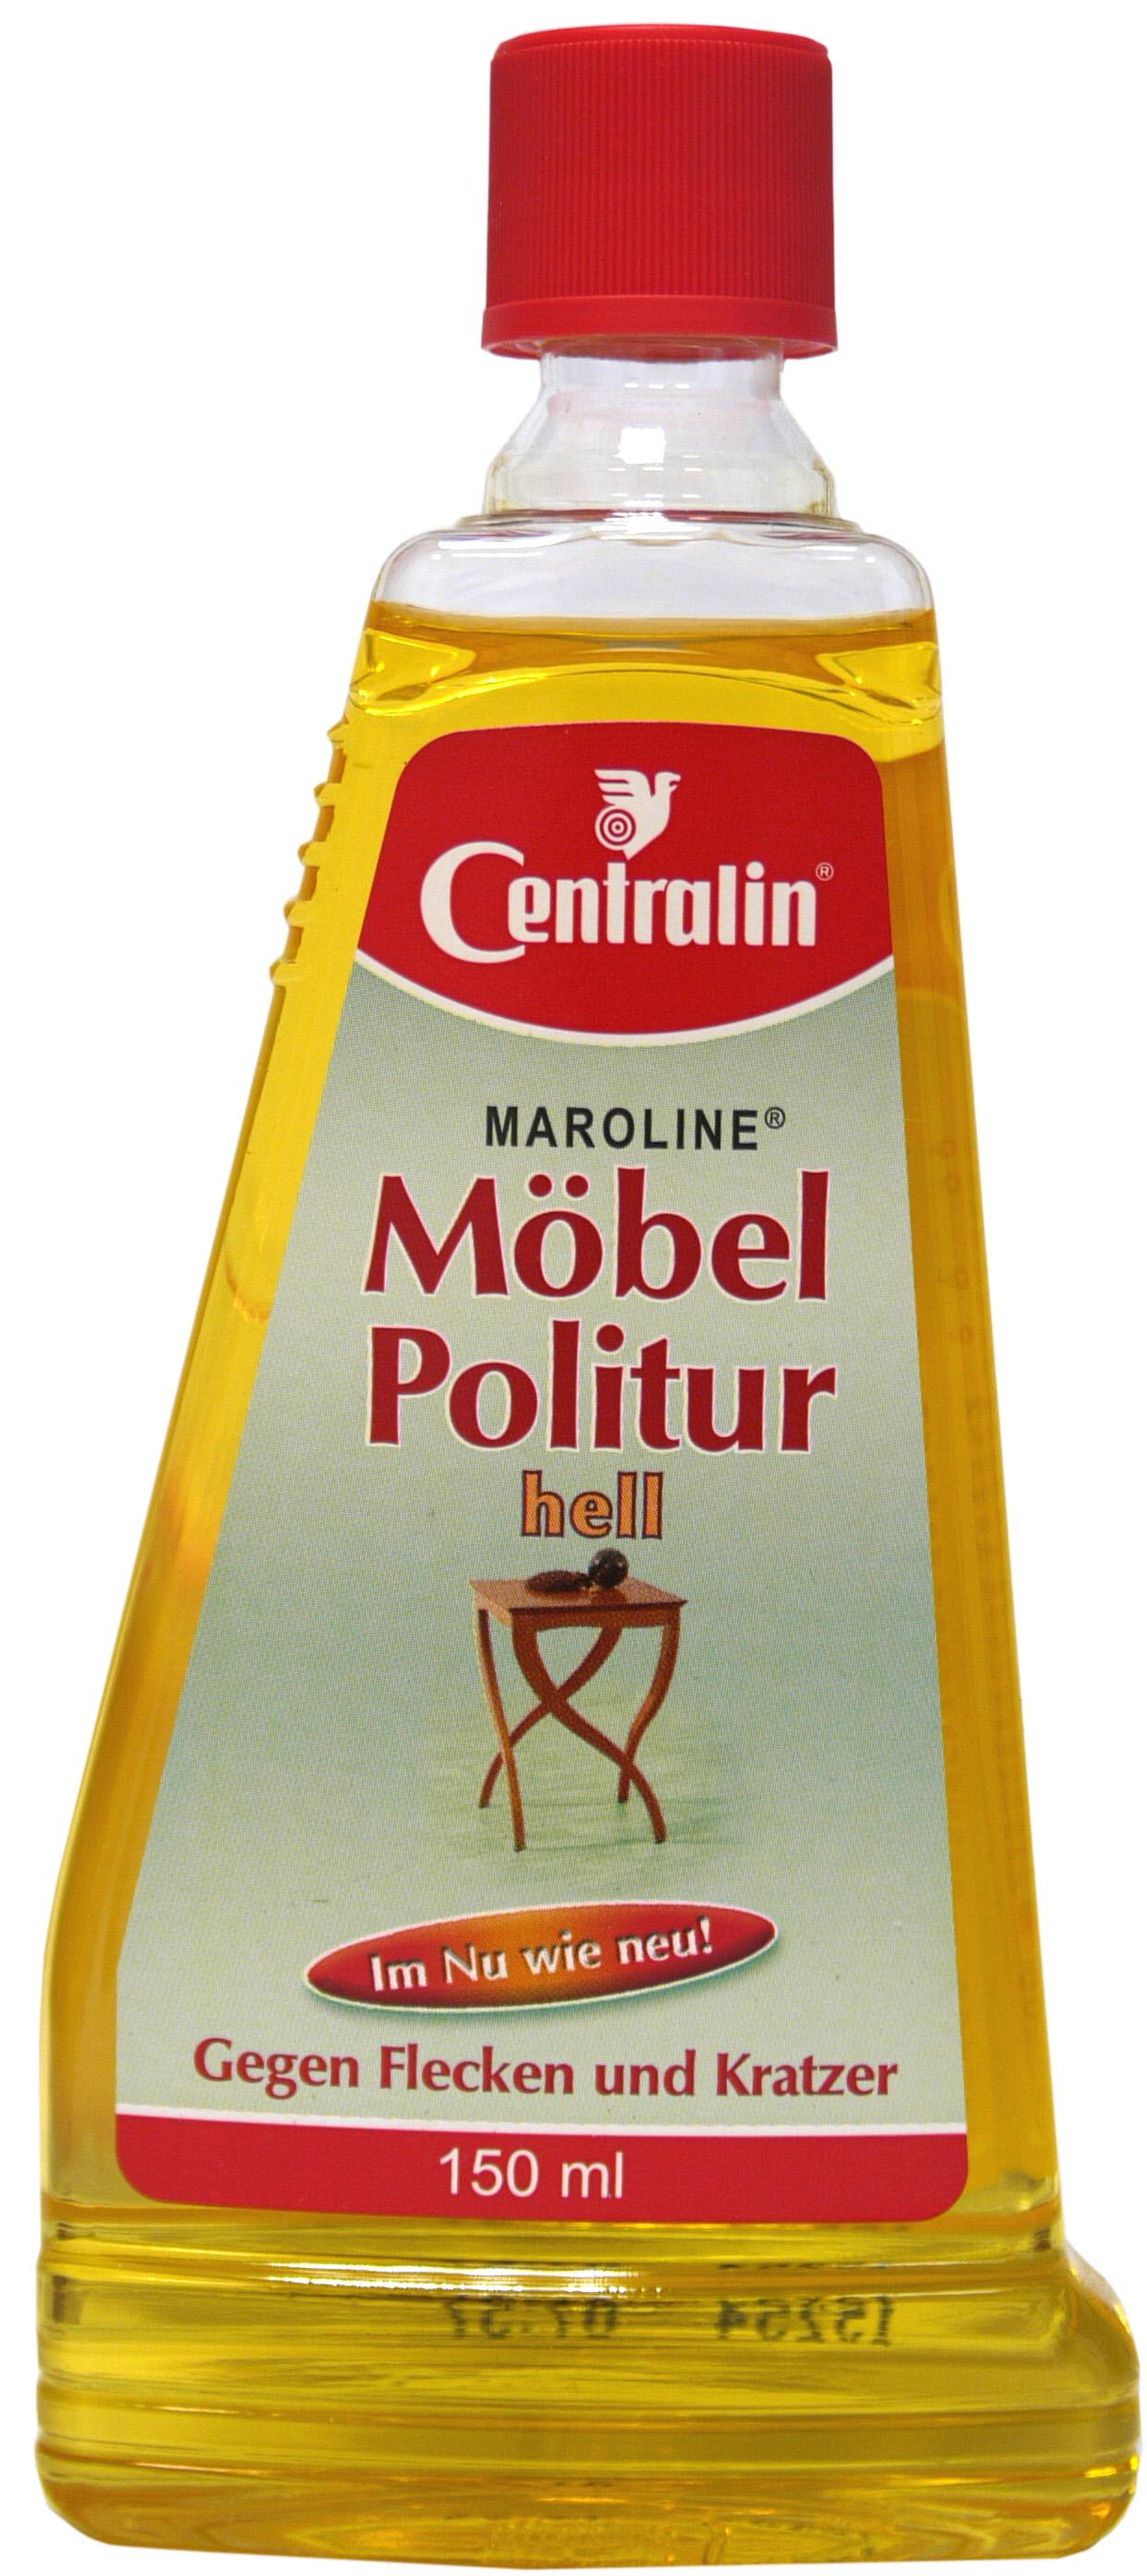 00677 - Maroline Möbelpolitur 150 ml -farblos-